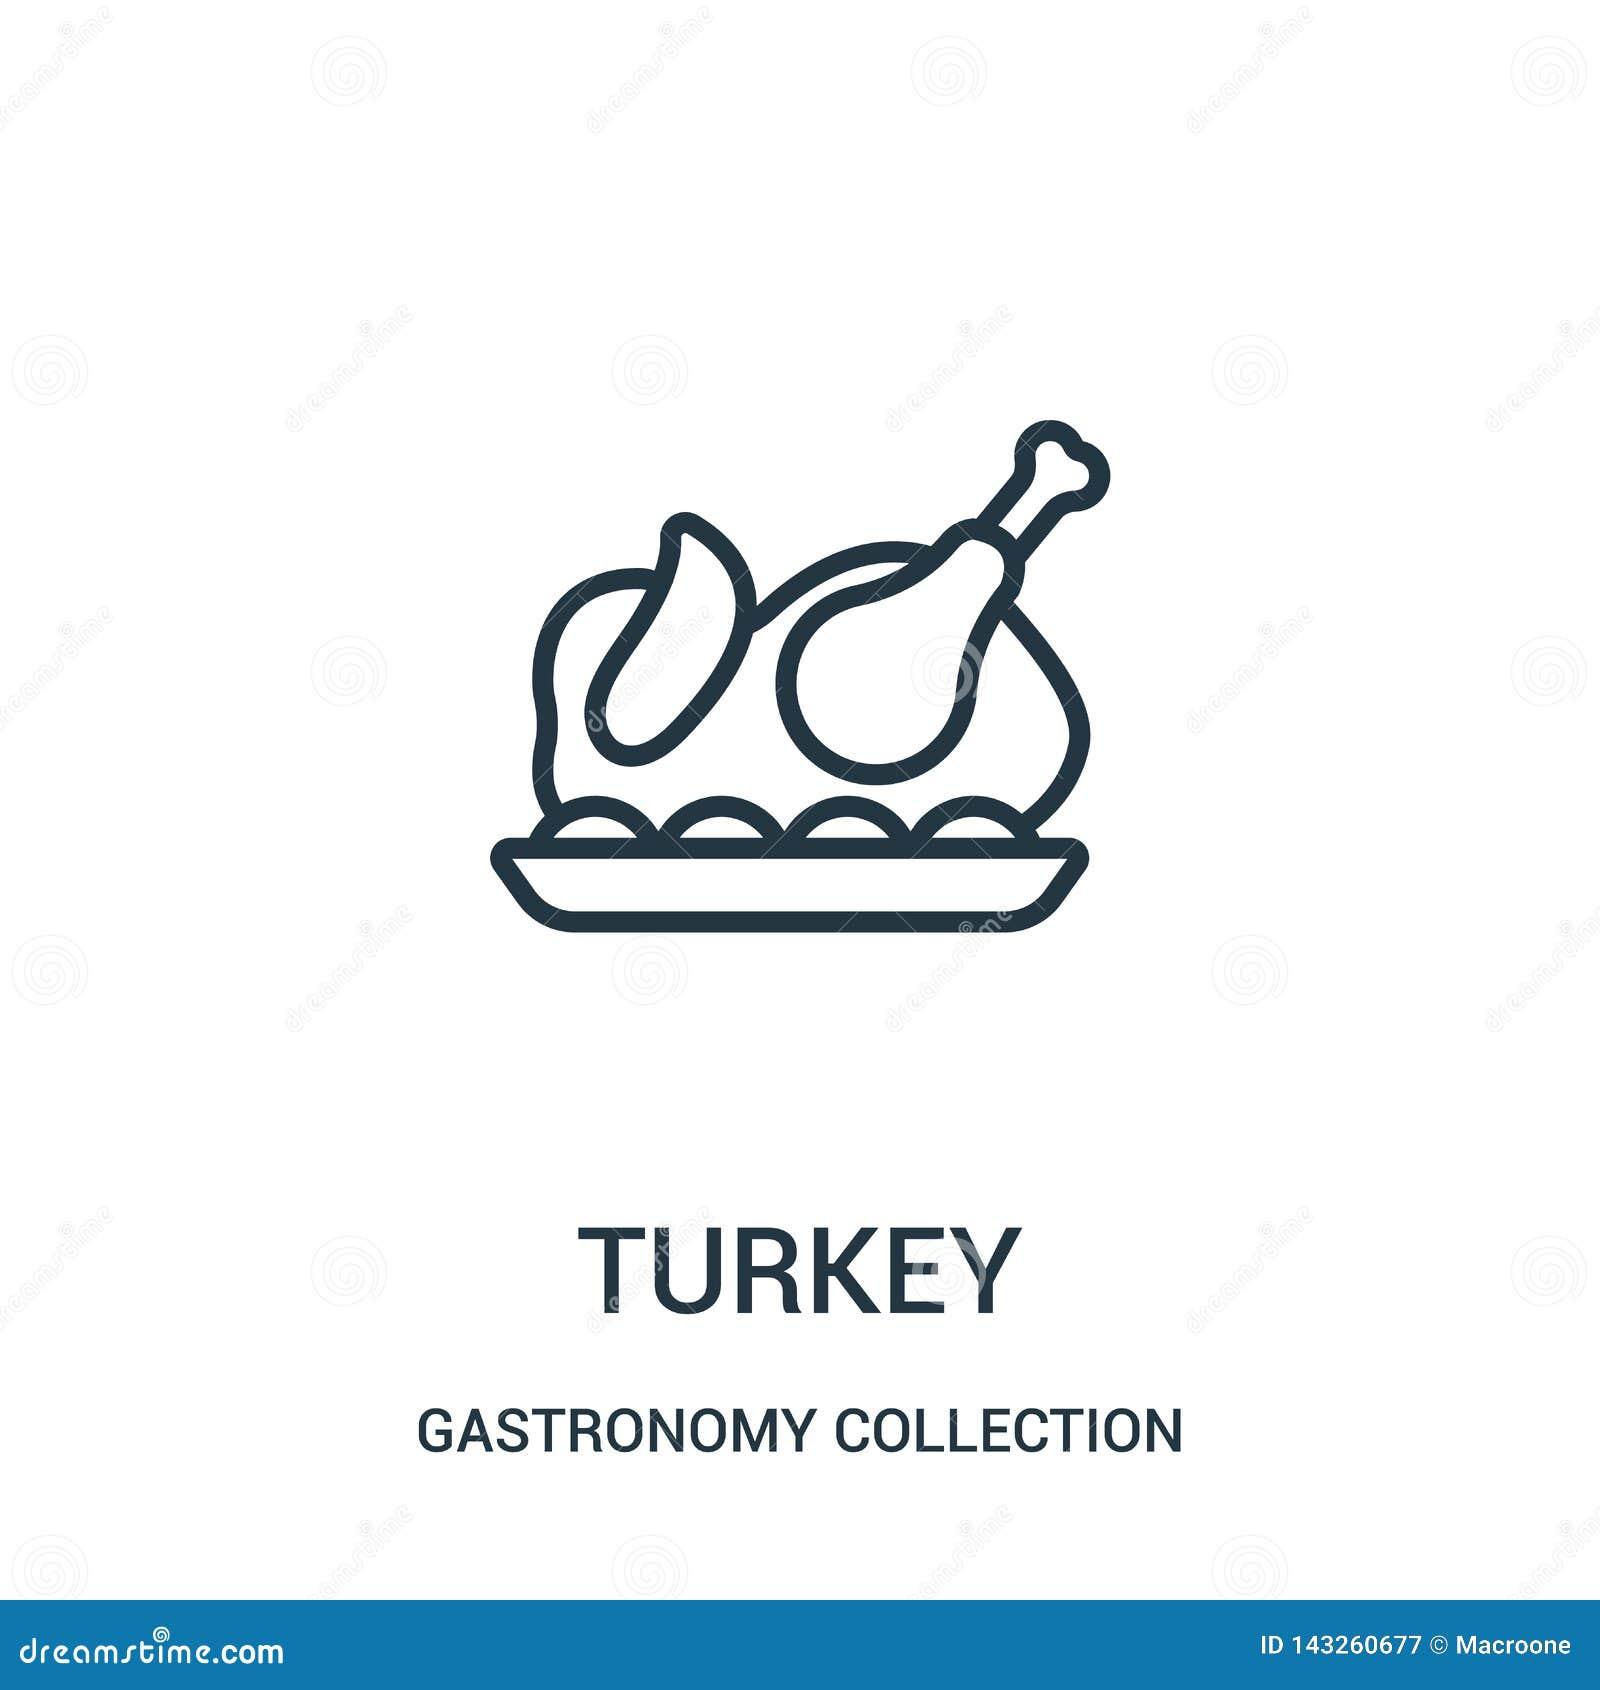 διάνυσμα εικονιδίων της Τουρκίας από τη συλλογή συλλογής γαστρονομίας Λεπτή διανυσματική απεικόνιση εικονιδίων περιλήψεων της Του